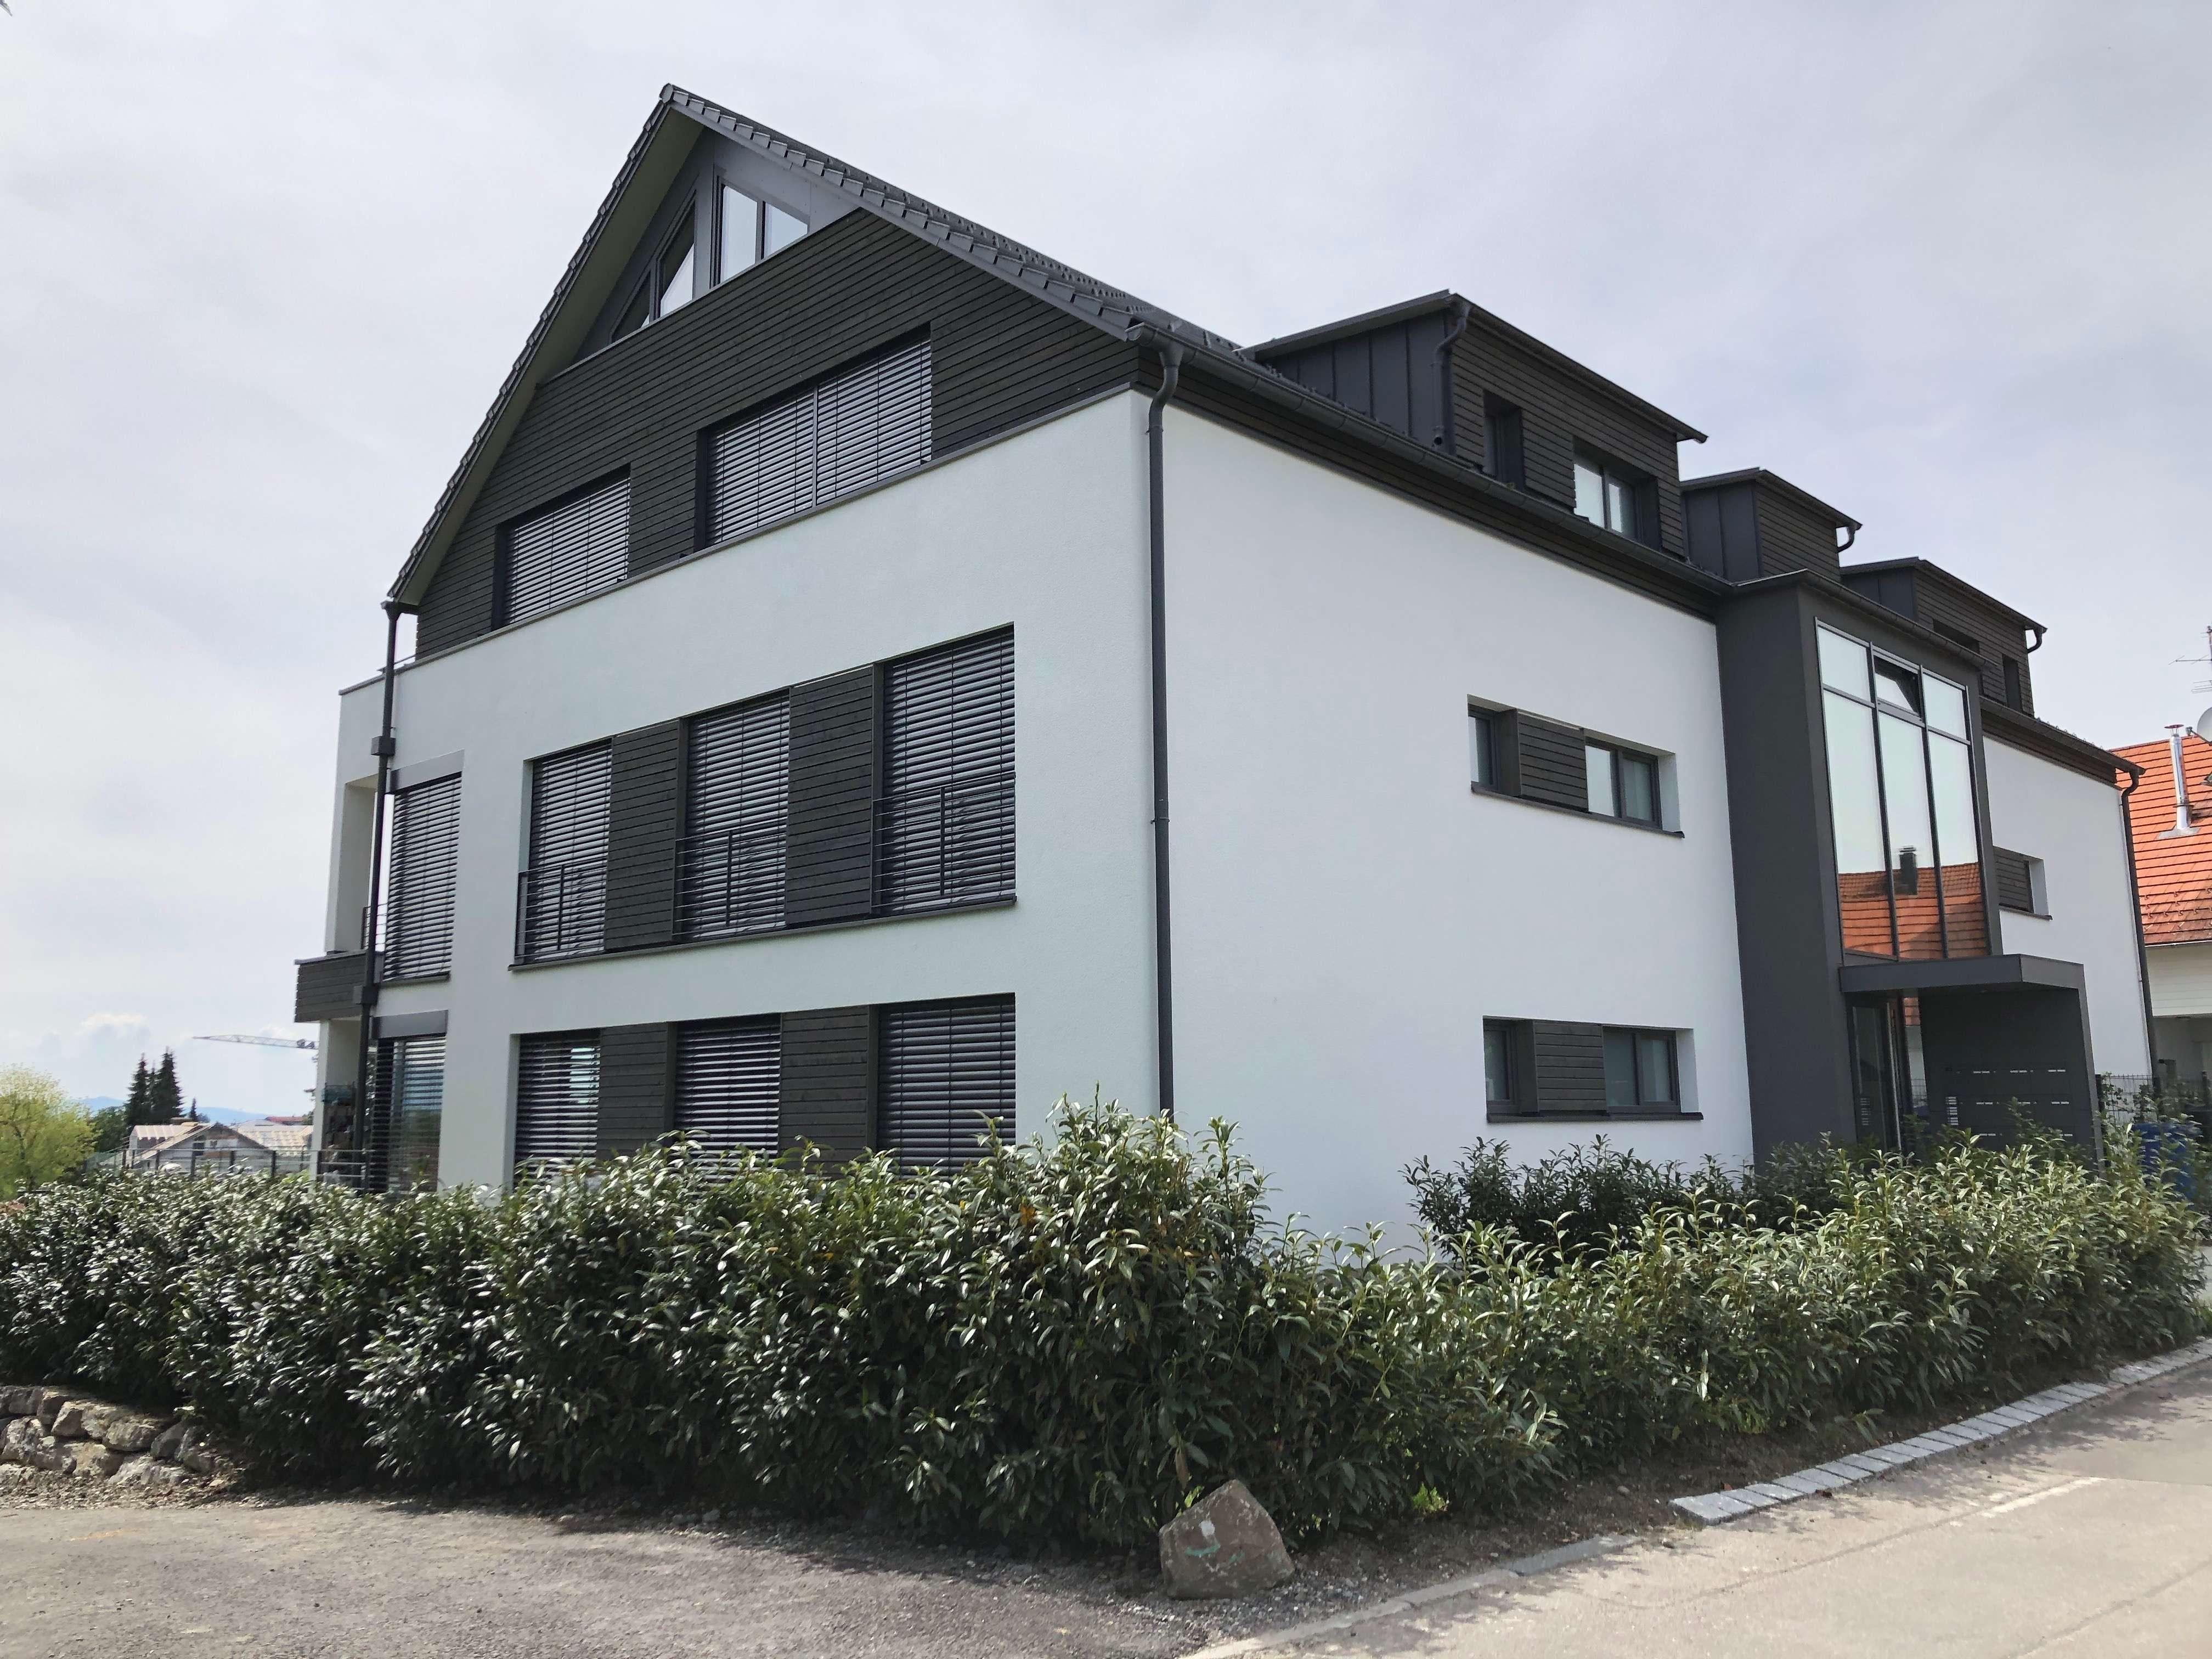 Exklusive & repräsentative Maisonette-Wohnung mit Terrasse / See- und Bergsicht / Erstbezug in Bodolz